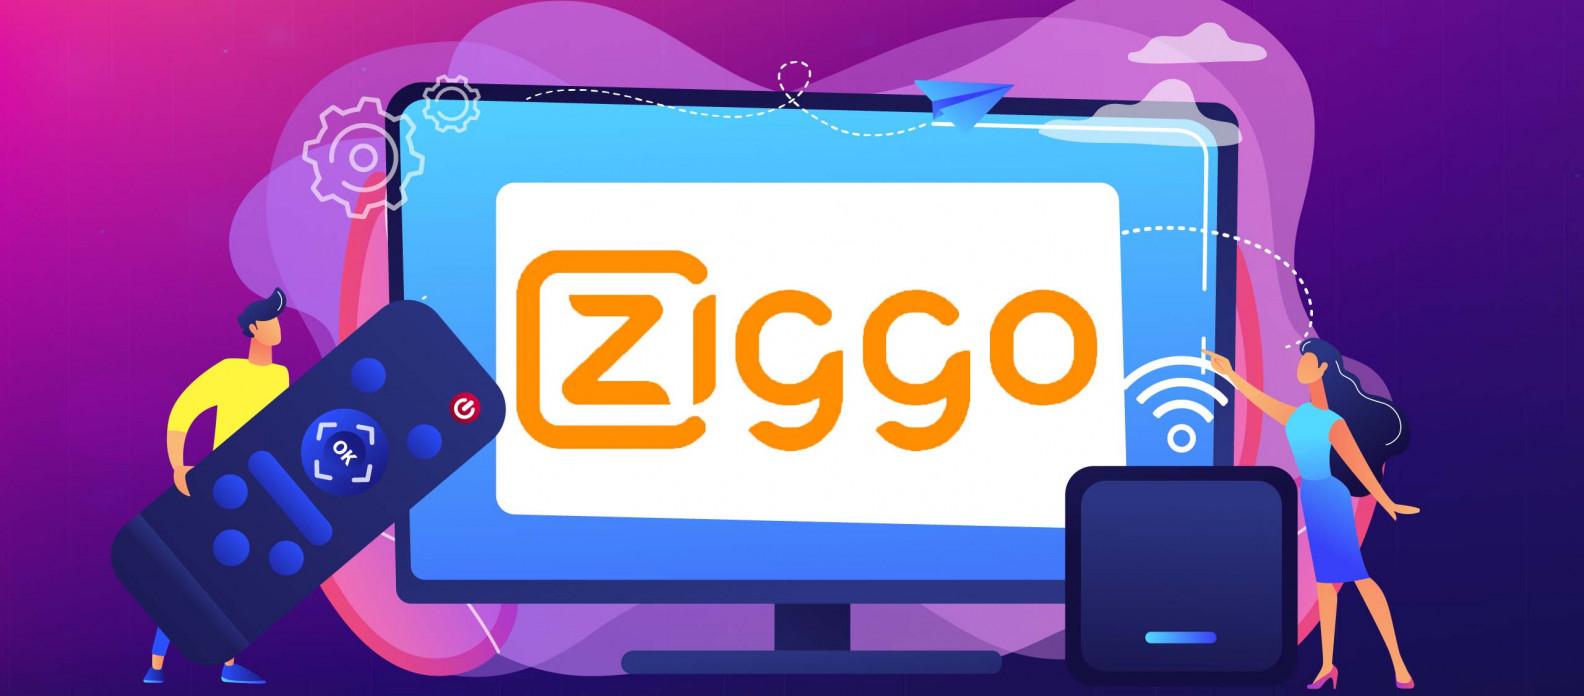 Zo kijk je Ziggo Go in het buitenland